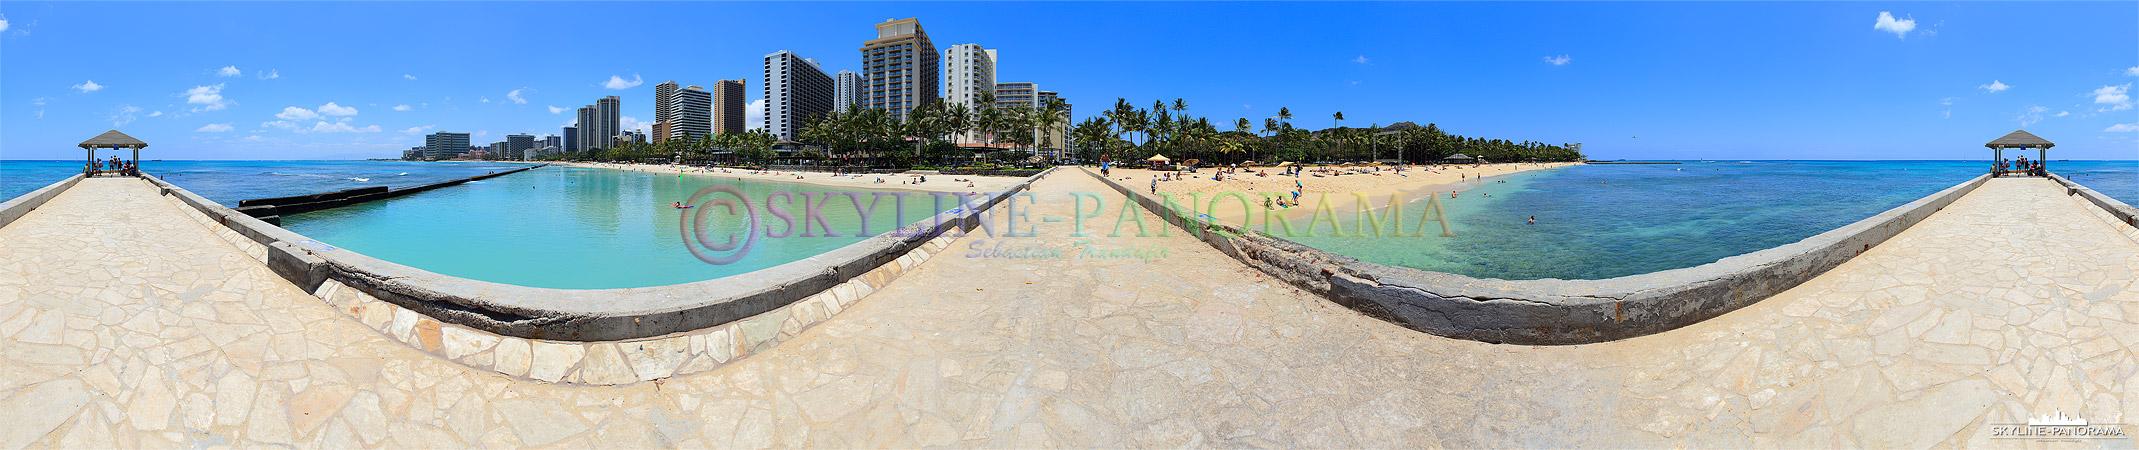 """Bilder Hawaii - Dieses Panorama entstand am Traumstrand von Waikiki, er ist der bekannteste und am meist besuchteste Sandstrand des """"Aloha State"""" Hawaii."""